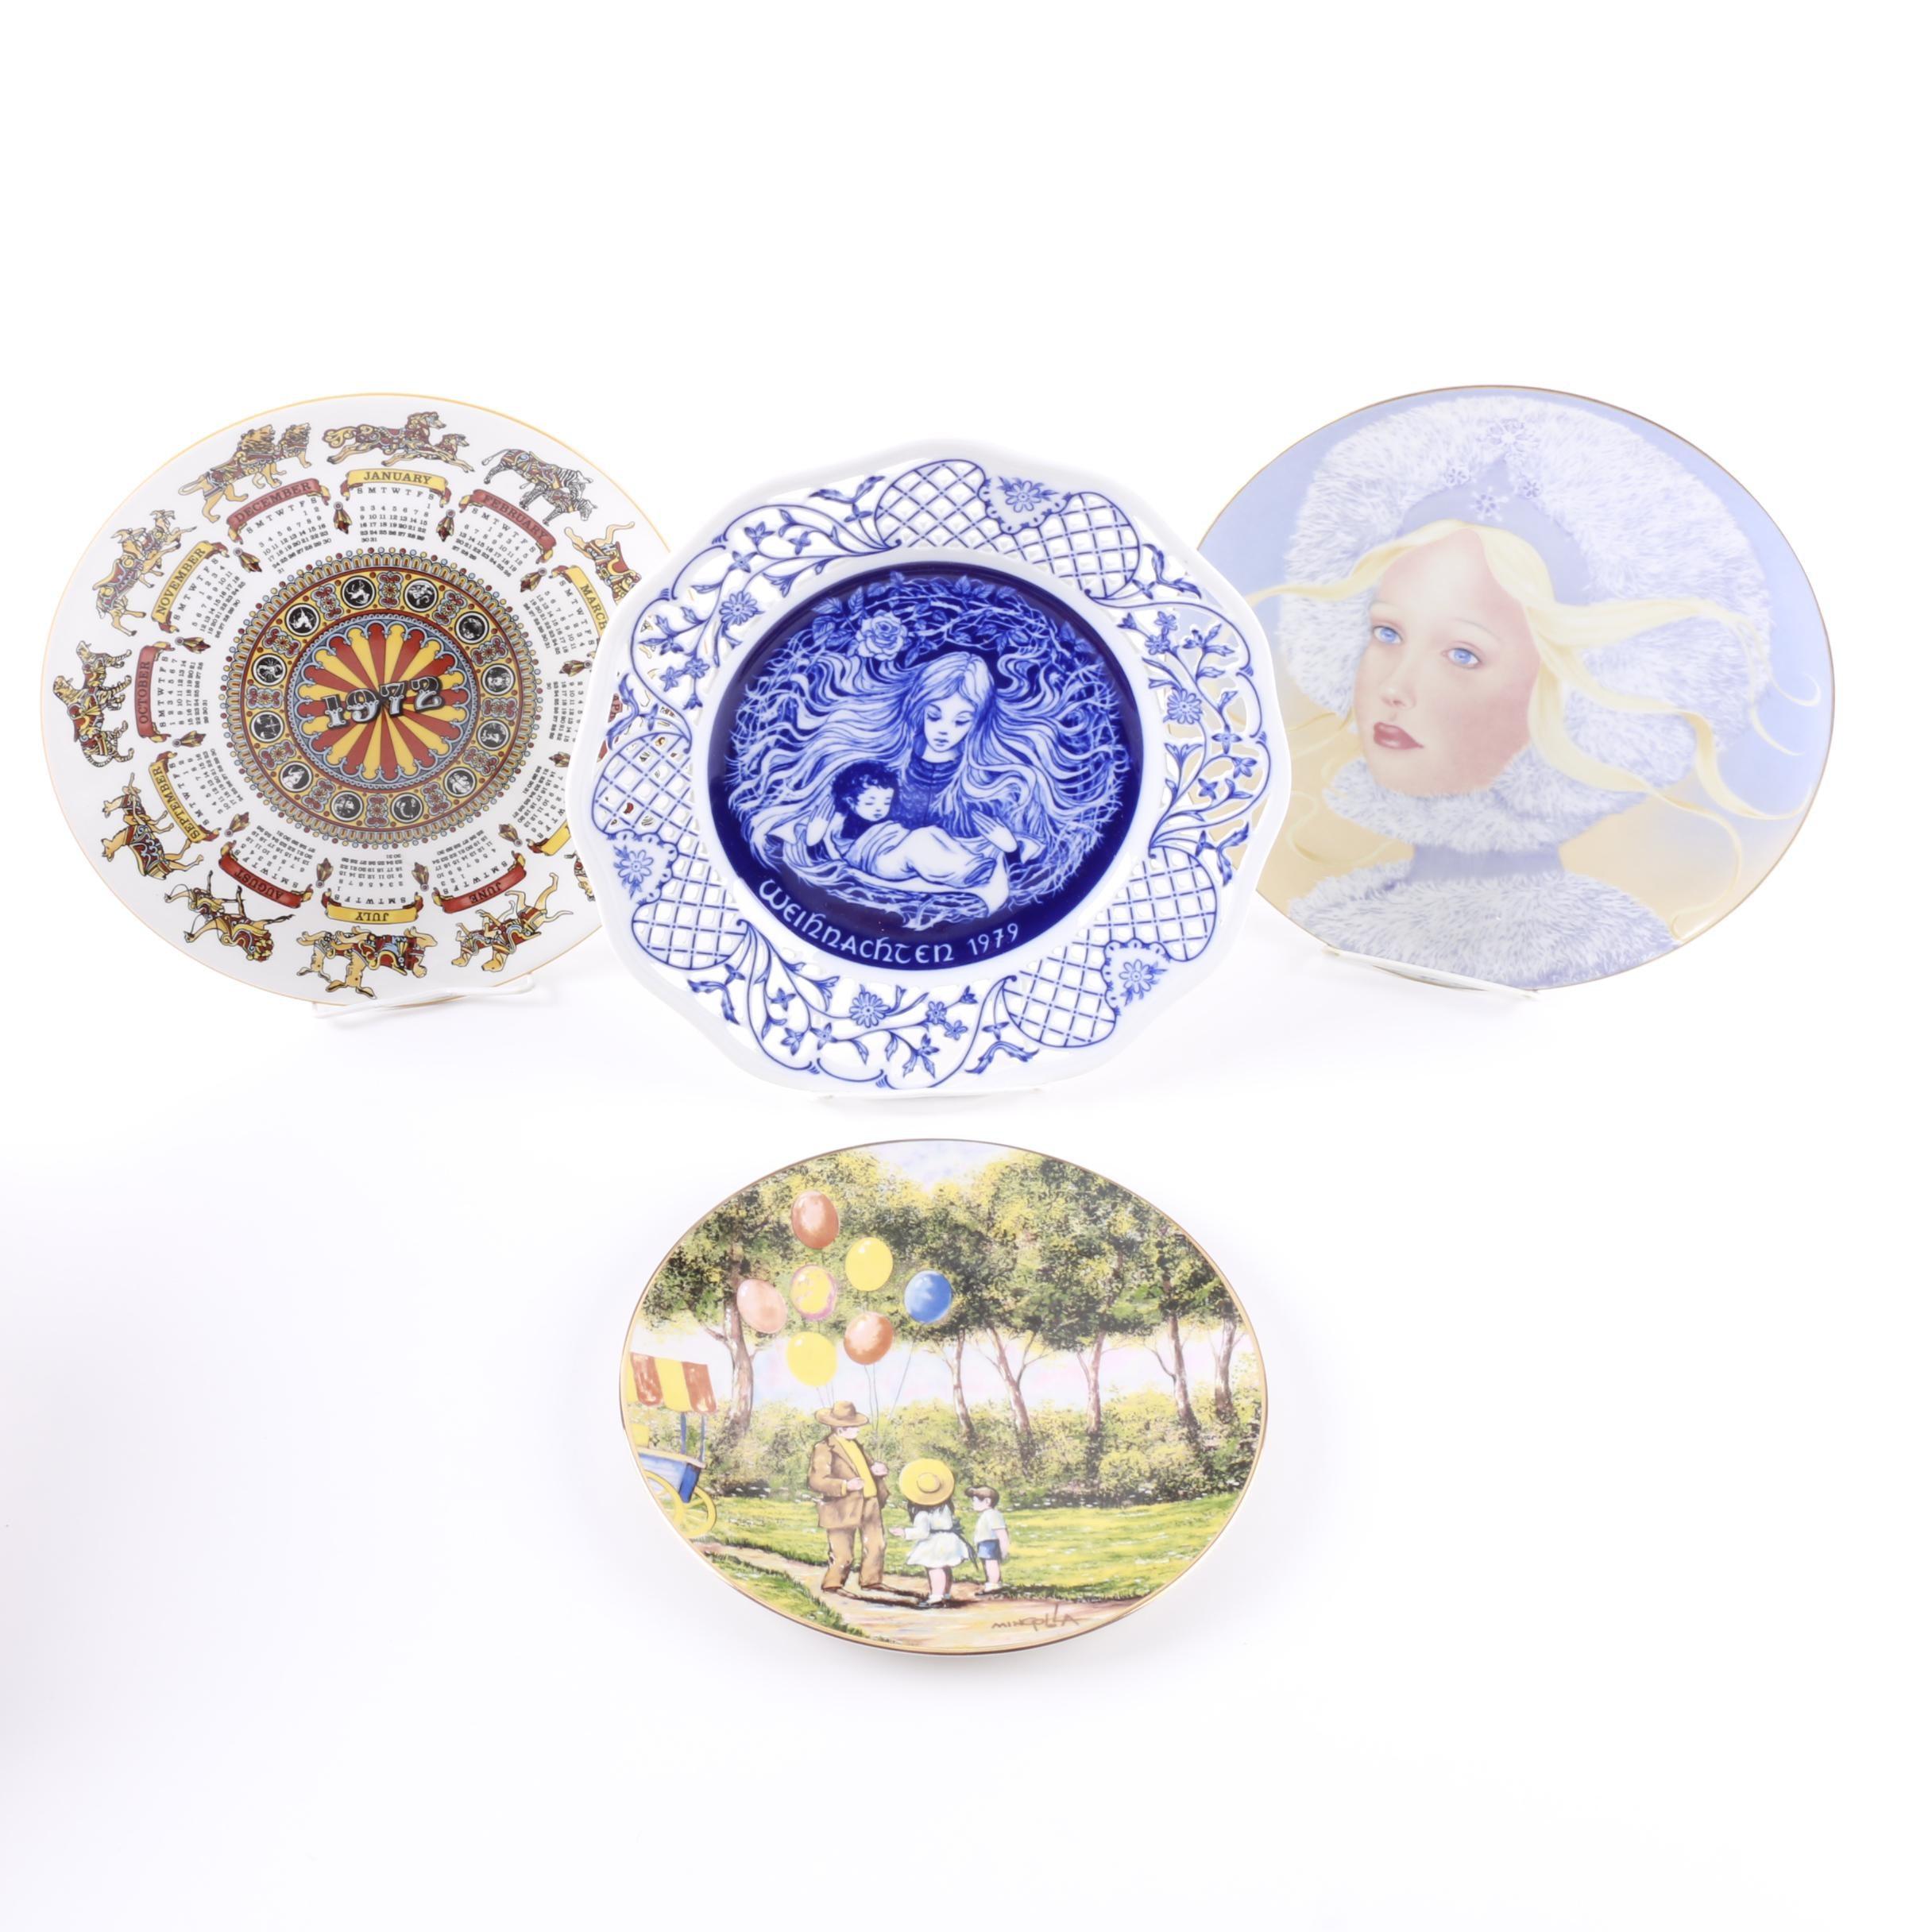 Vintage Decorative Porcelain Plates Including Wedgwood